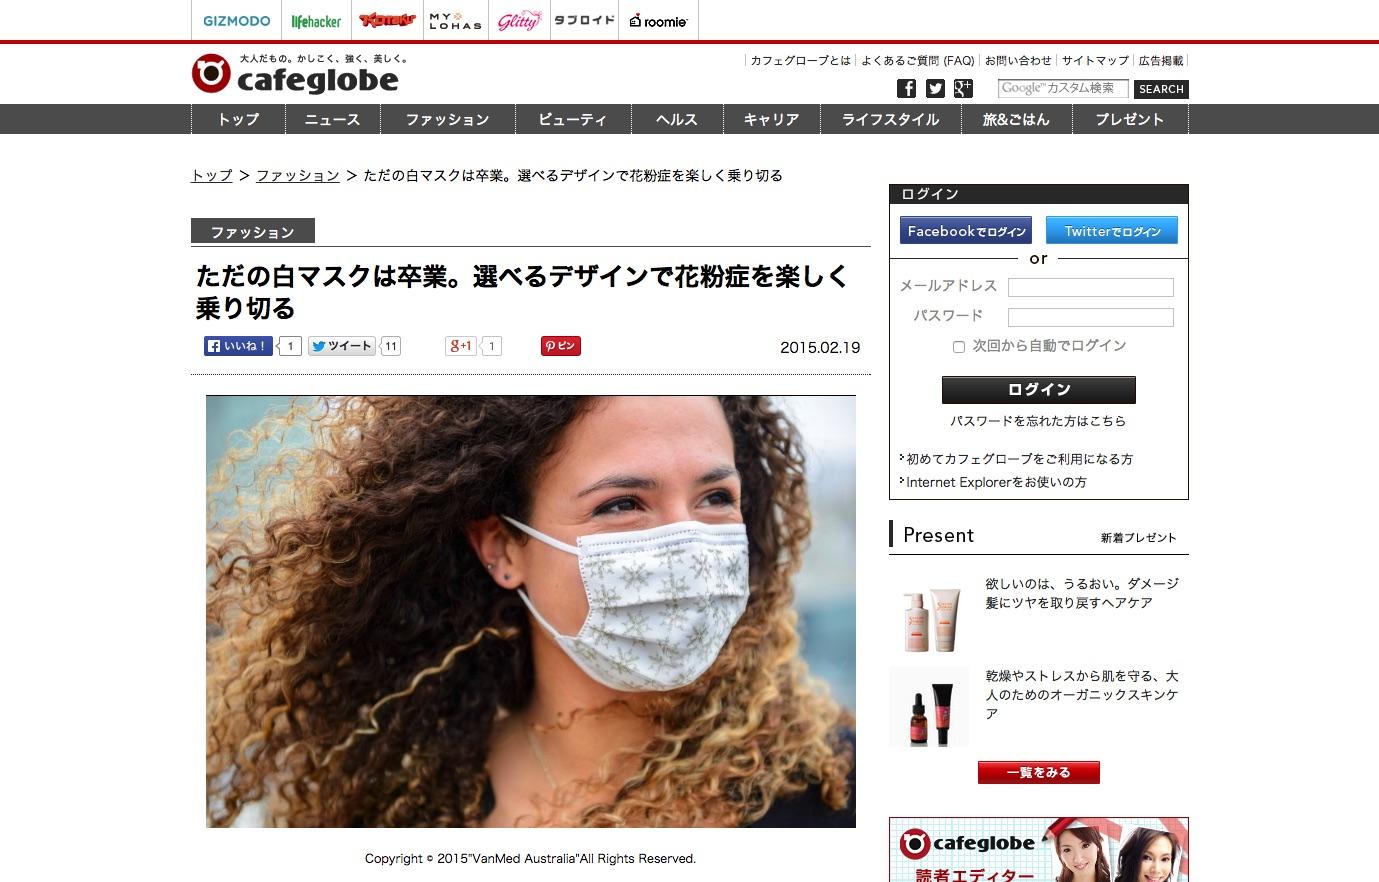 ただの白マスクは卒業。選べるデザインで花粉症を楽しく乗り切る   キャリア女性に役立つサイト cafeglobe